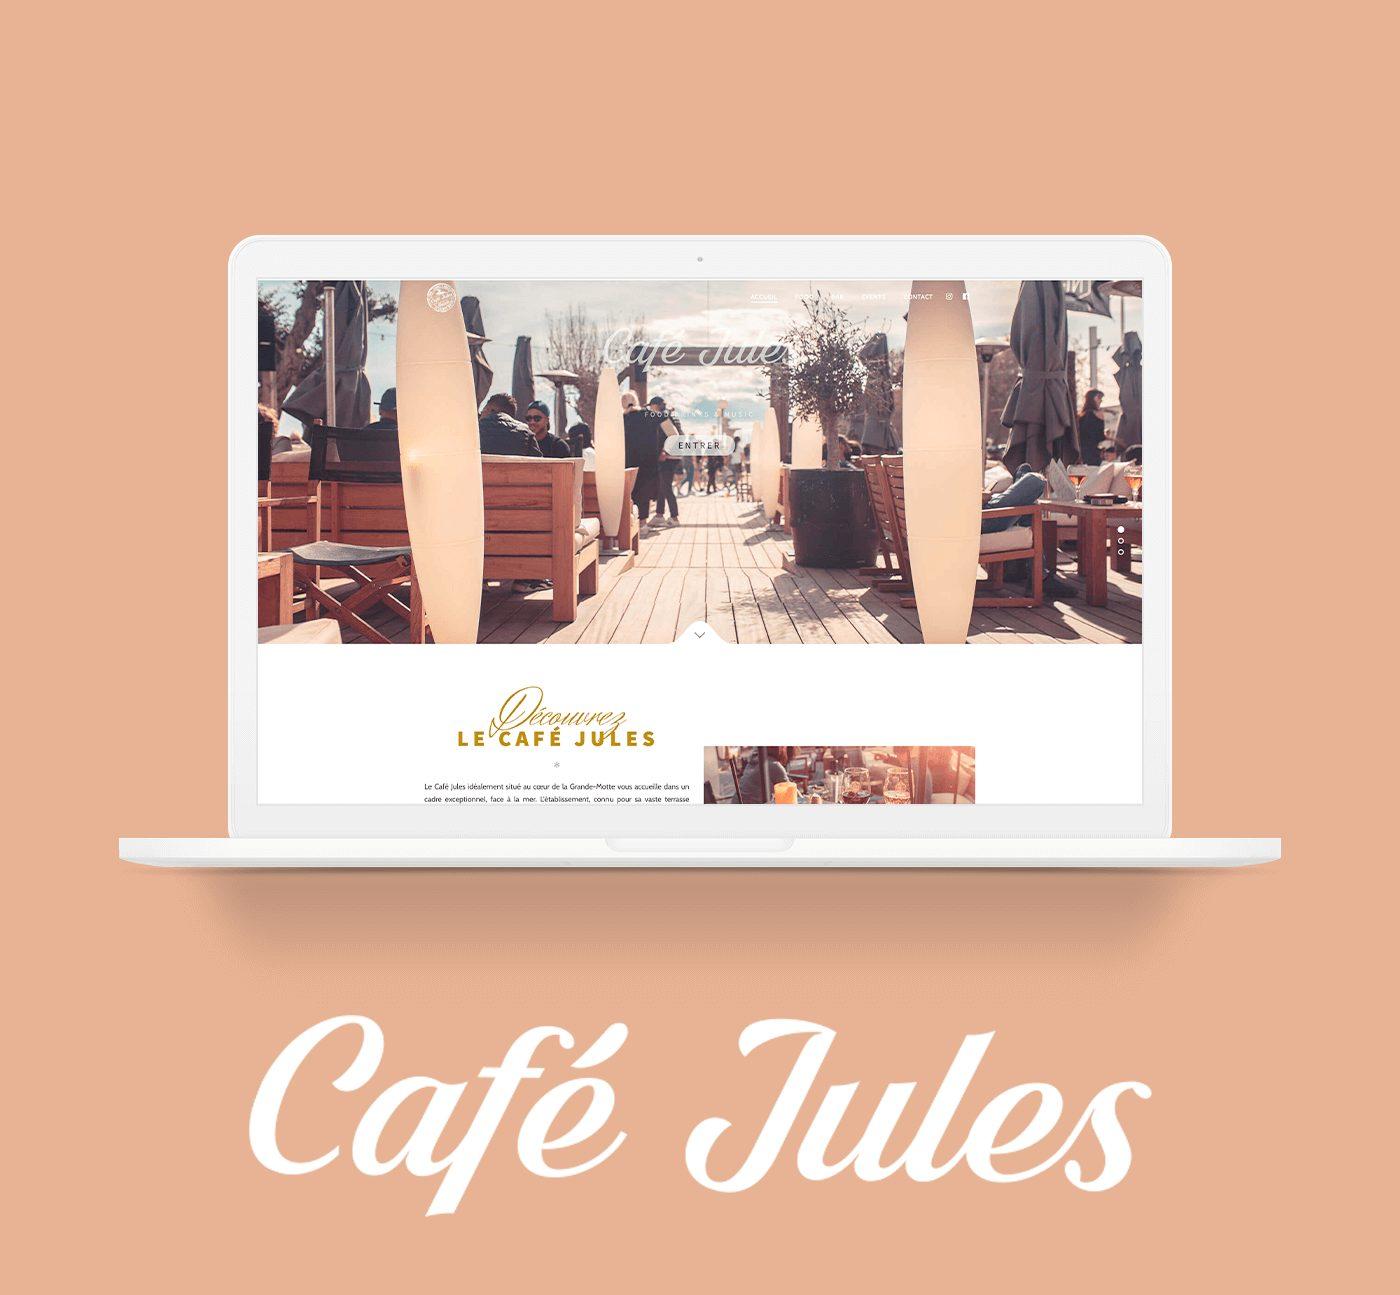 Mockup Site Vitrine Café Jules Montpellier - Cover projet Agence de communication Coq Noir